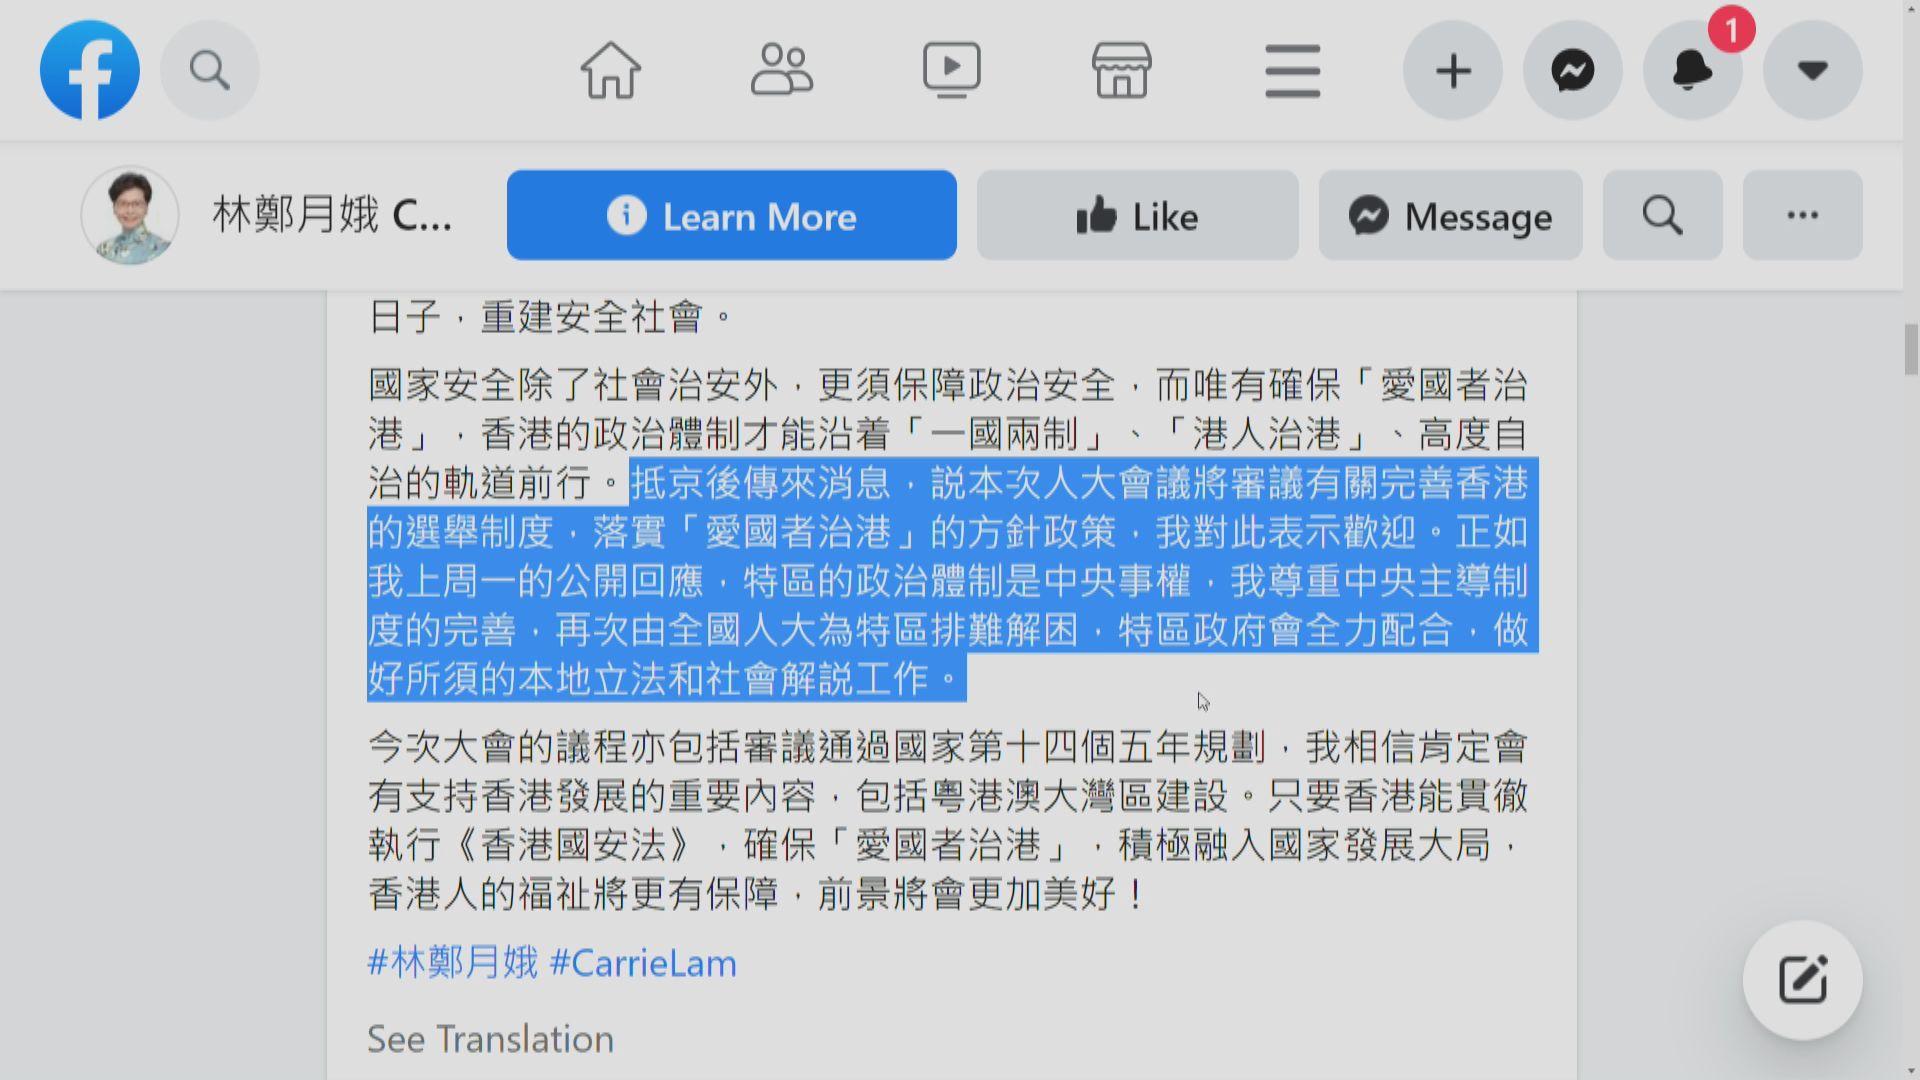 林鄭月娥歡迎中央完善選舉制度 特區政府會全力配合立法解説